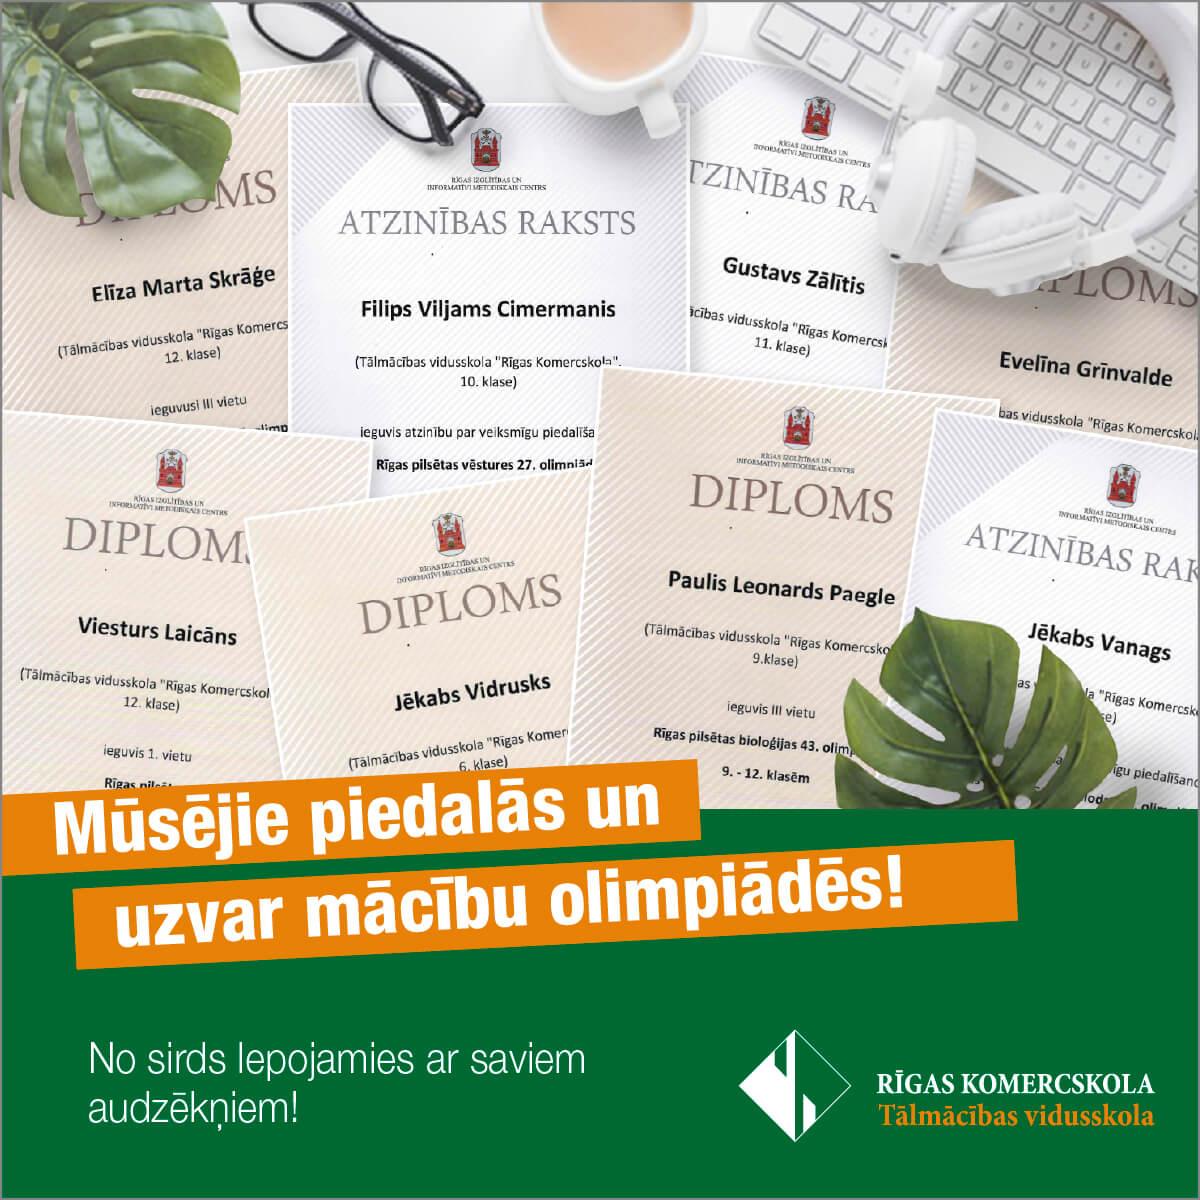 Rīgas Komercskolas audzēkņi 2021. gadā piedalās un uzvar mācību olimpiādēs!